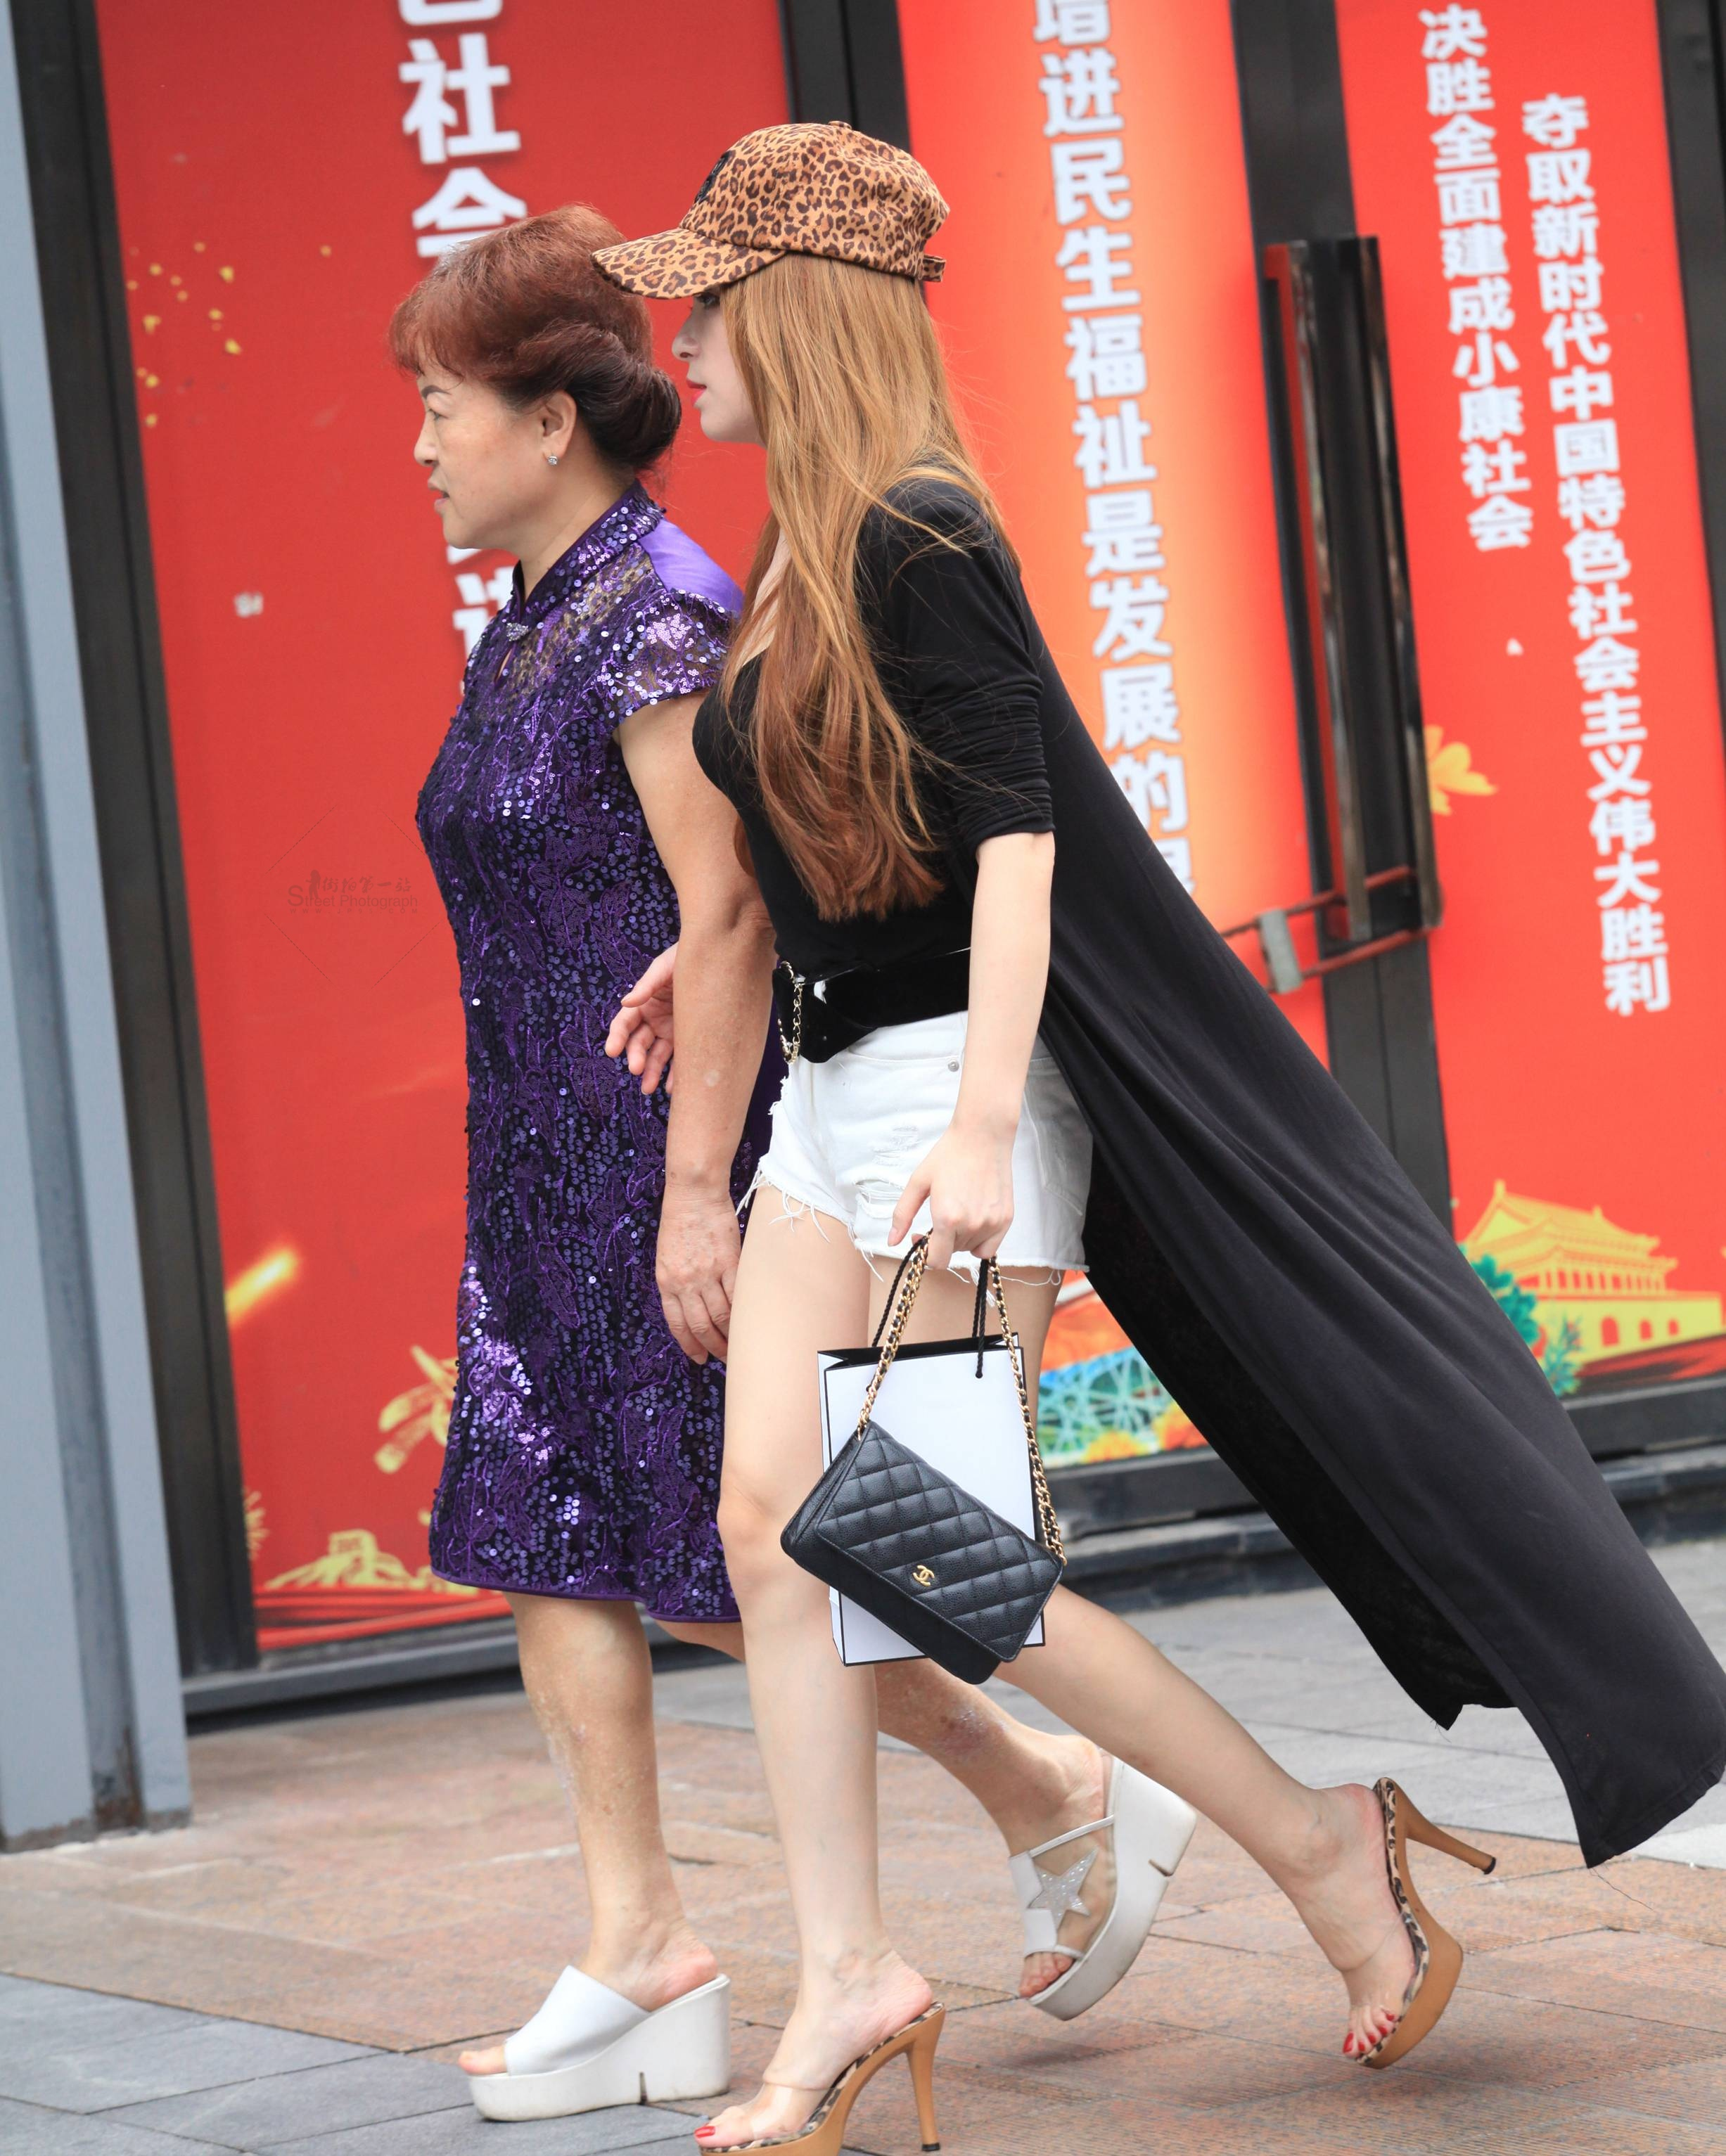 街拍高跟,街拍玉足 【珏一笑而过】玉足 高跟Shao Fu 最新街拍丝袜图片 街拍丝袜第一站